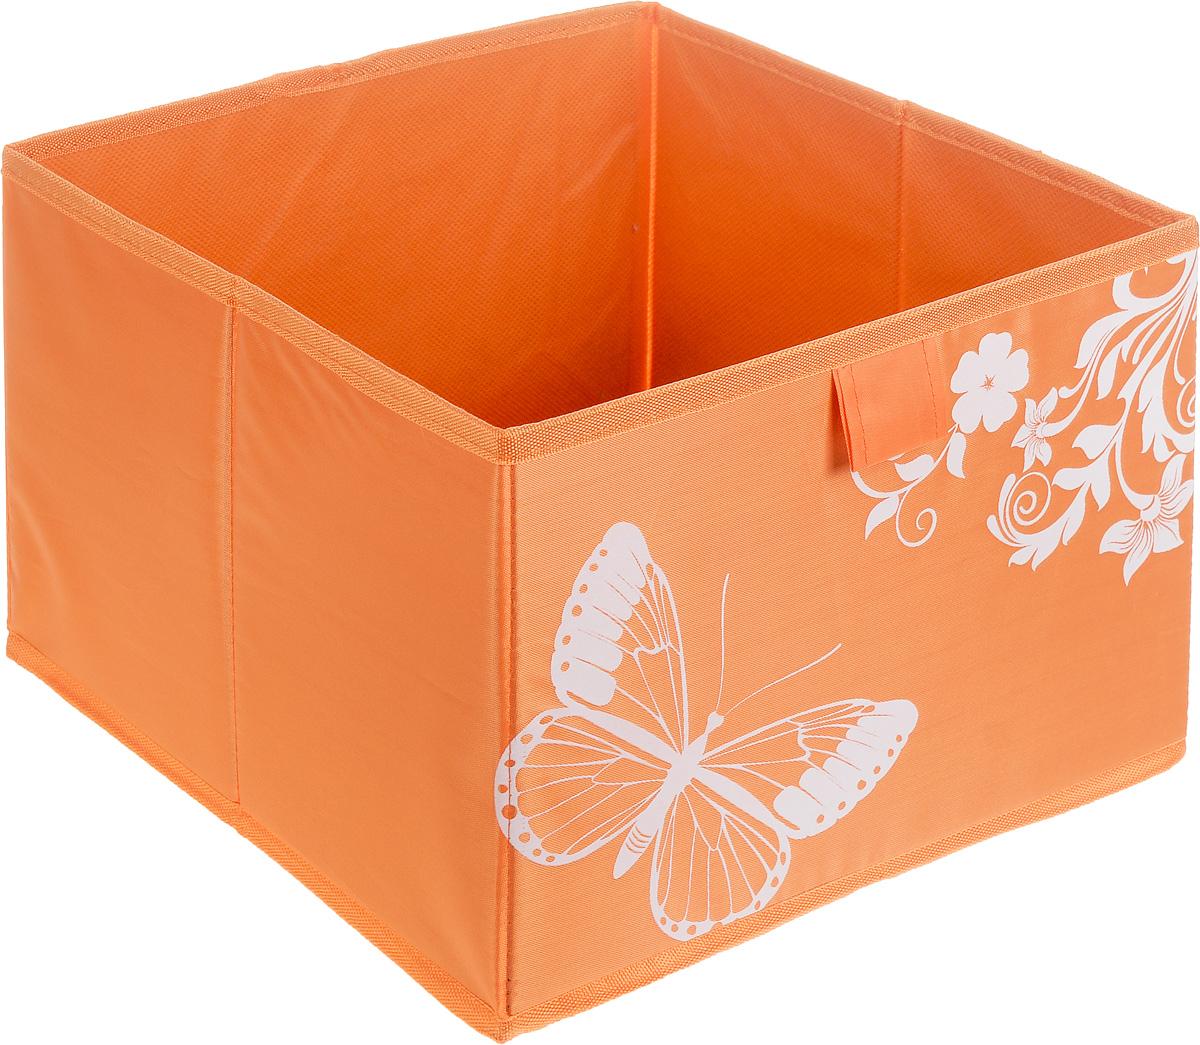 Коробка для хранения Hausmann Butterfly, цвет: оранжевый, 28 х 27 х 20 см1004900000360Коробка для хранения Hausmann Butterfly поможет легко организовать пространство в шкафу или в гардеробе. Изделие выполнено из нетканого материала и полиэстера. Коробка держит форму благодаря жесткой вставке из картона, которая устанавливается на дно. Боковая поверхность оформлена красивым принтом с изображением бабочек. В такой коробке удобно хранить нижнее белье, ремни и различные аксессуары.